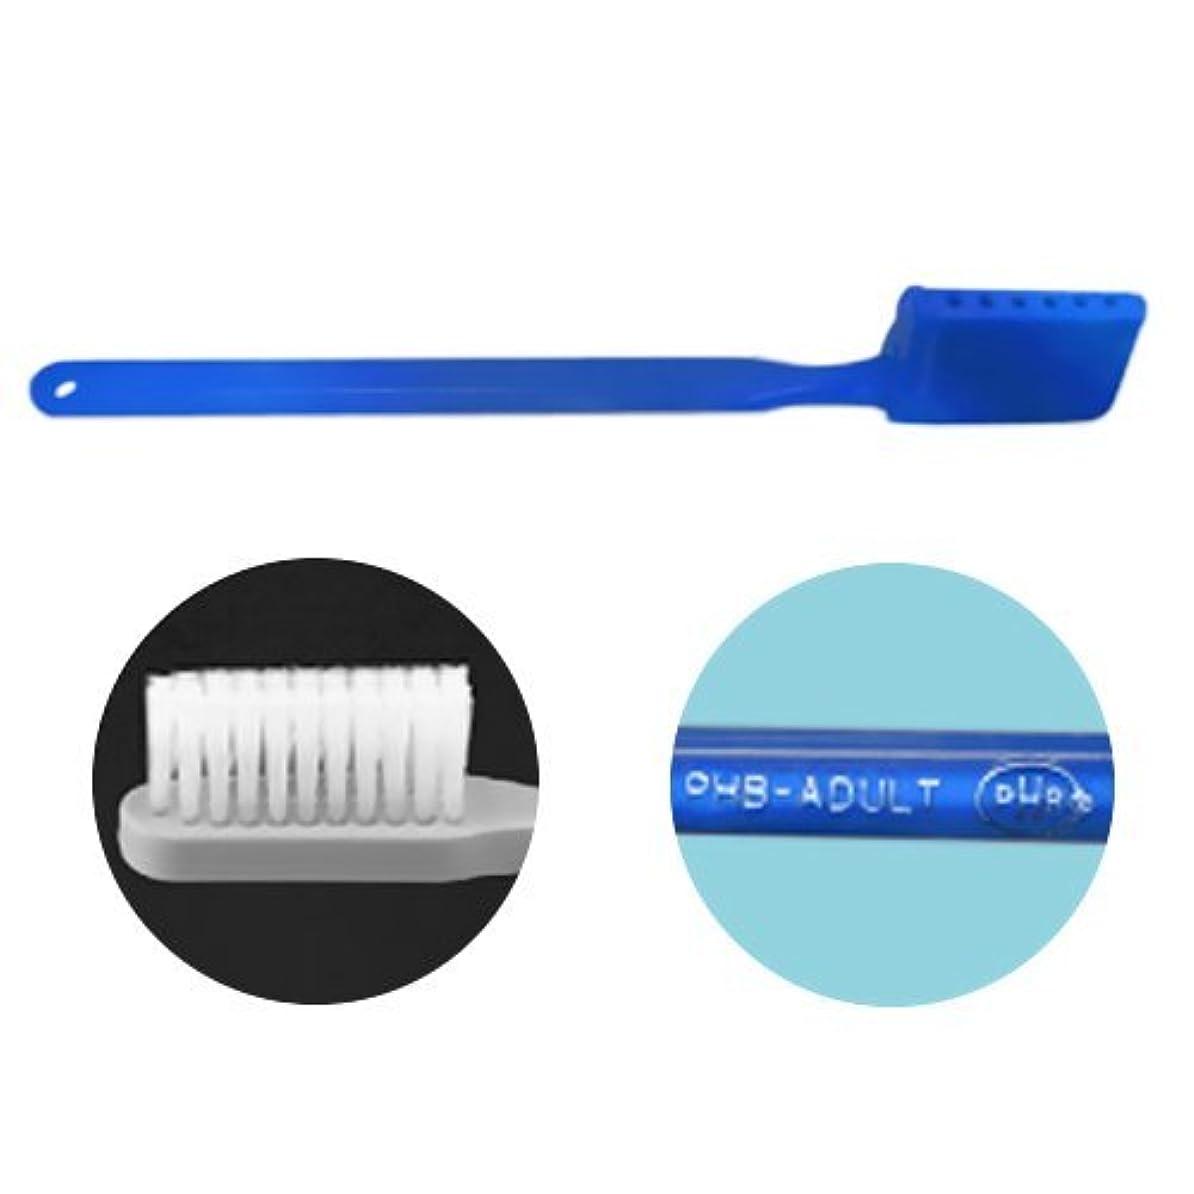 不純同種の乏しいPHB 歯ブラシ アダルトサイズ 1本 ネオンブルー